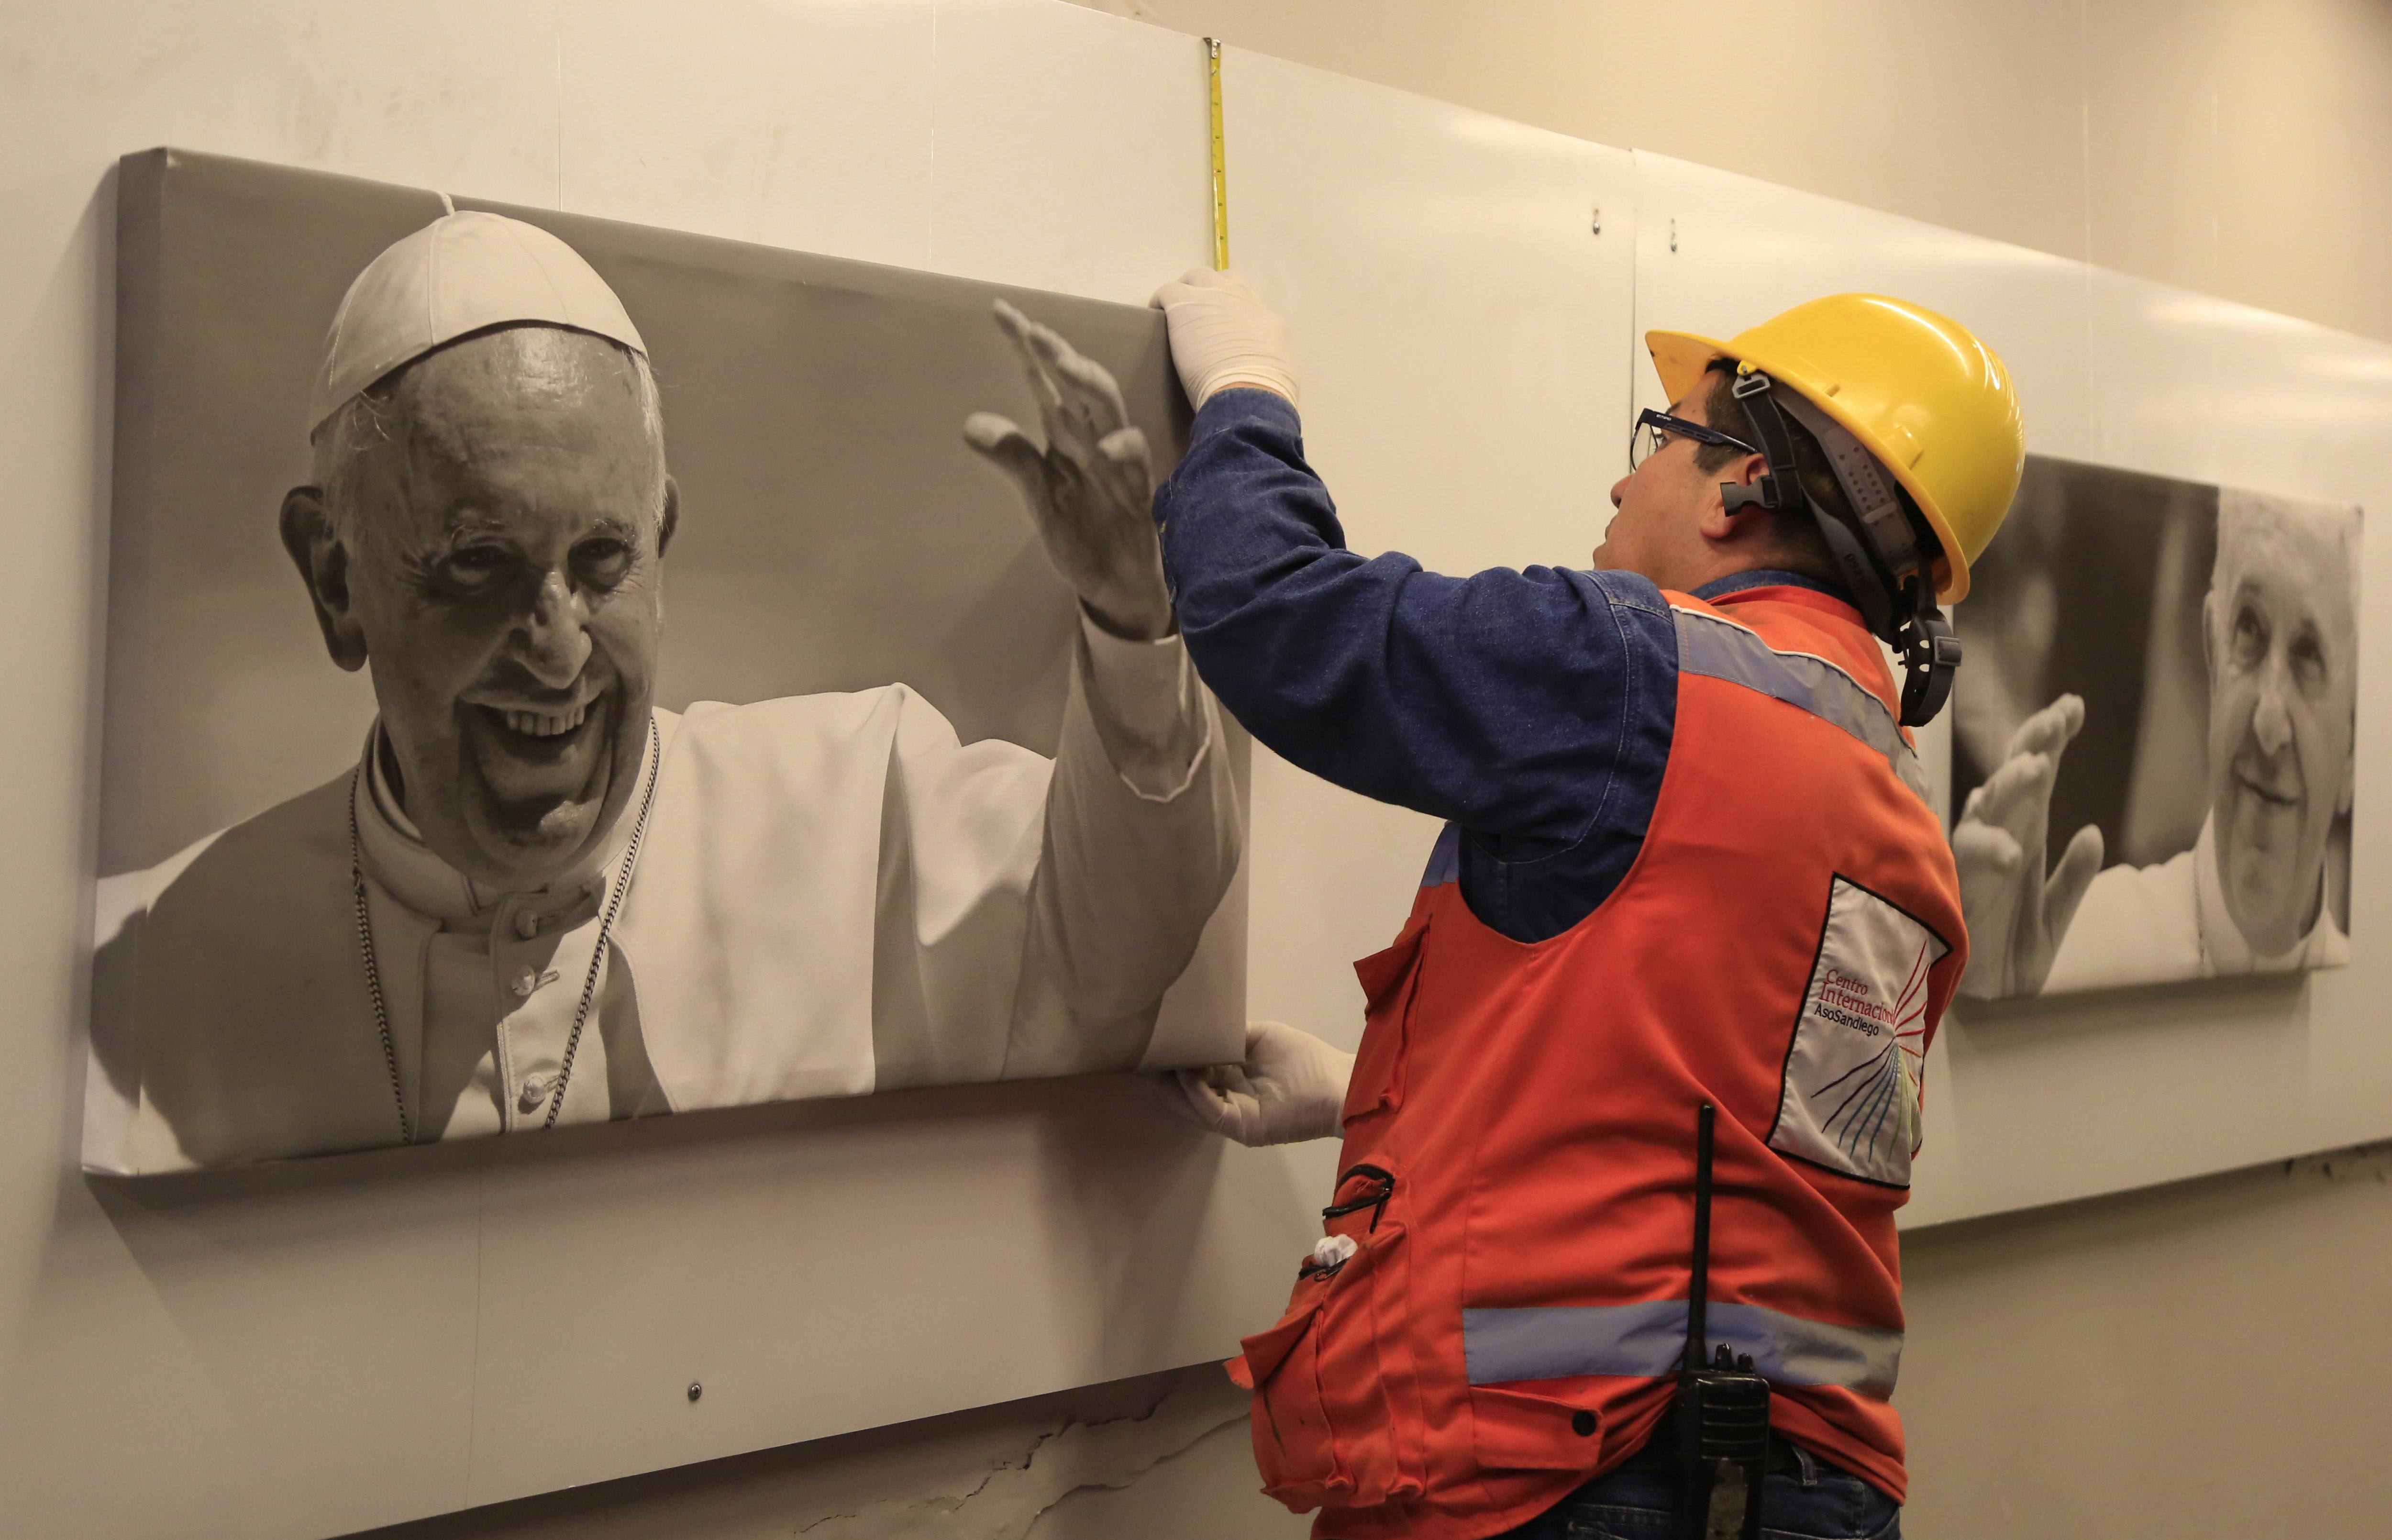 Un home penja unes fotografies del papa Francesc en un dels passatges subterranis del centre de Bogotà (Colòmbia). /RICARDO MALDONADO ROZO